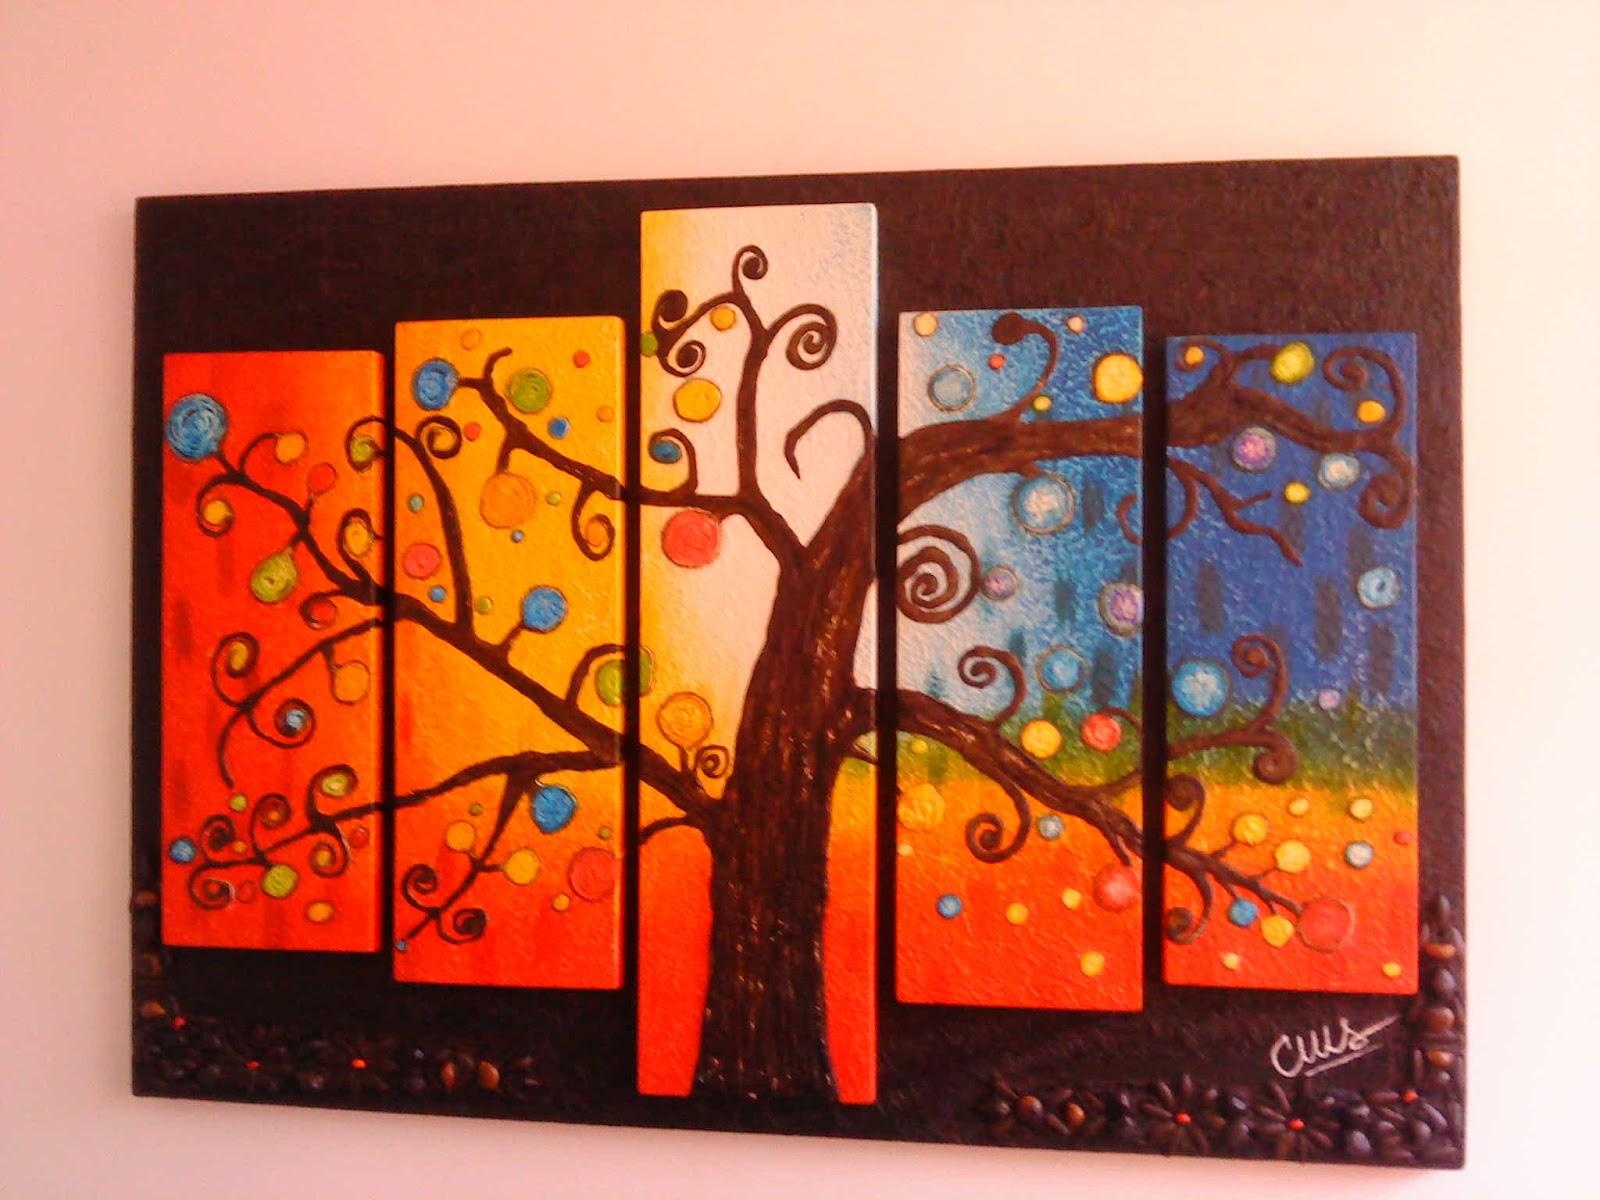 Evanisvl cuadros con texturas y semillas - Cuadros modernos con texturas ...